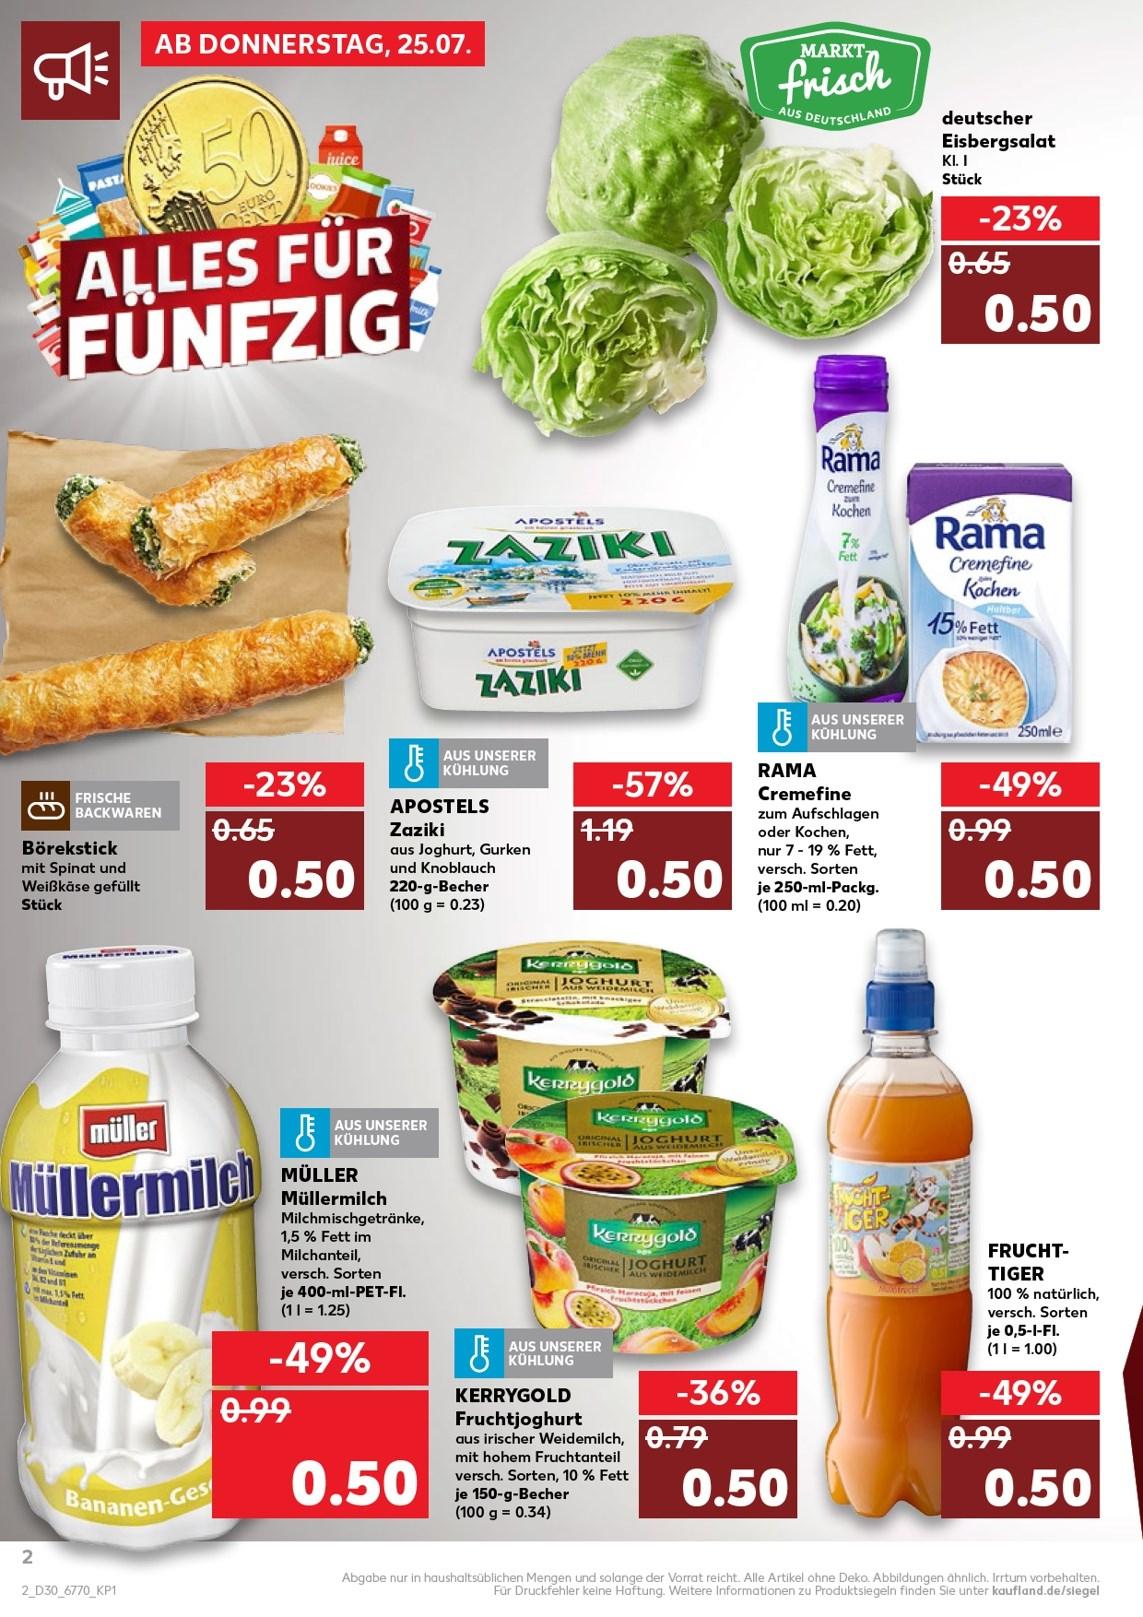 Kaufland Müllermilch 400ml PET 0,50€